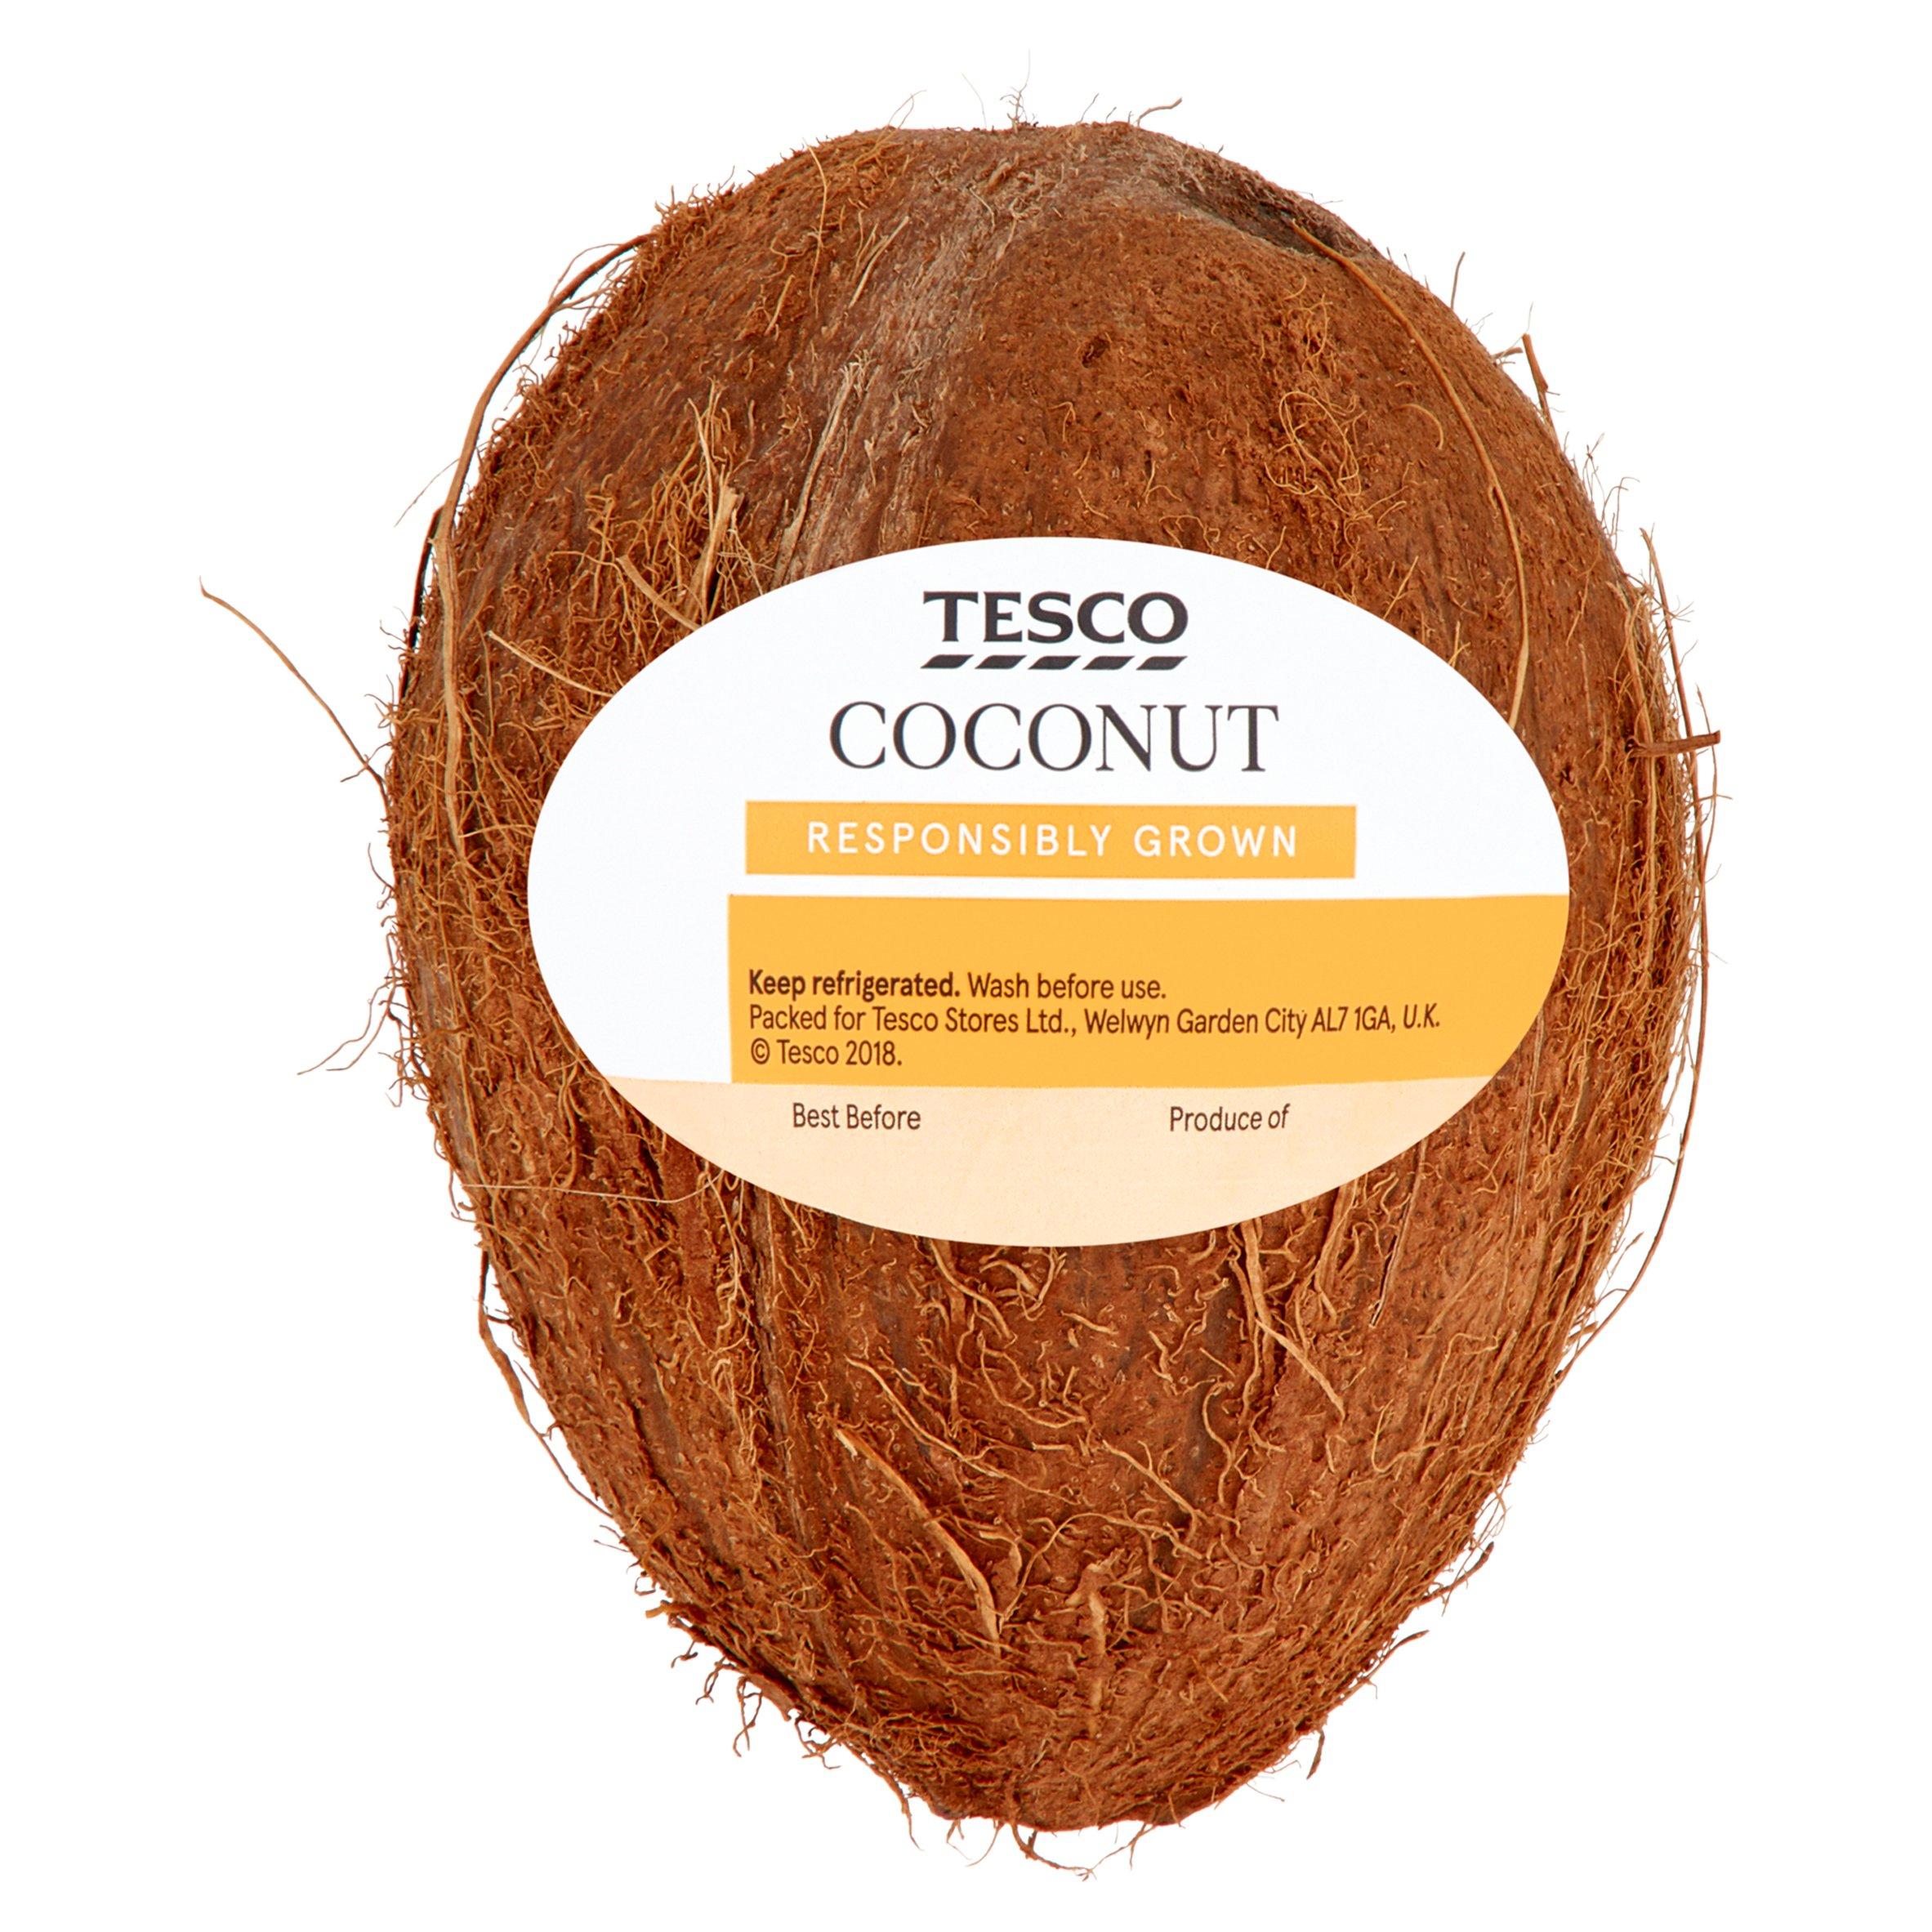 Tesco Rainforest Alliance Coconut Each